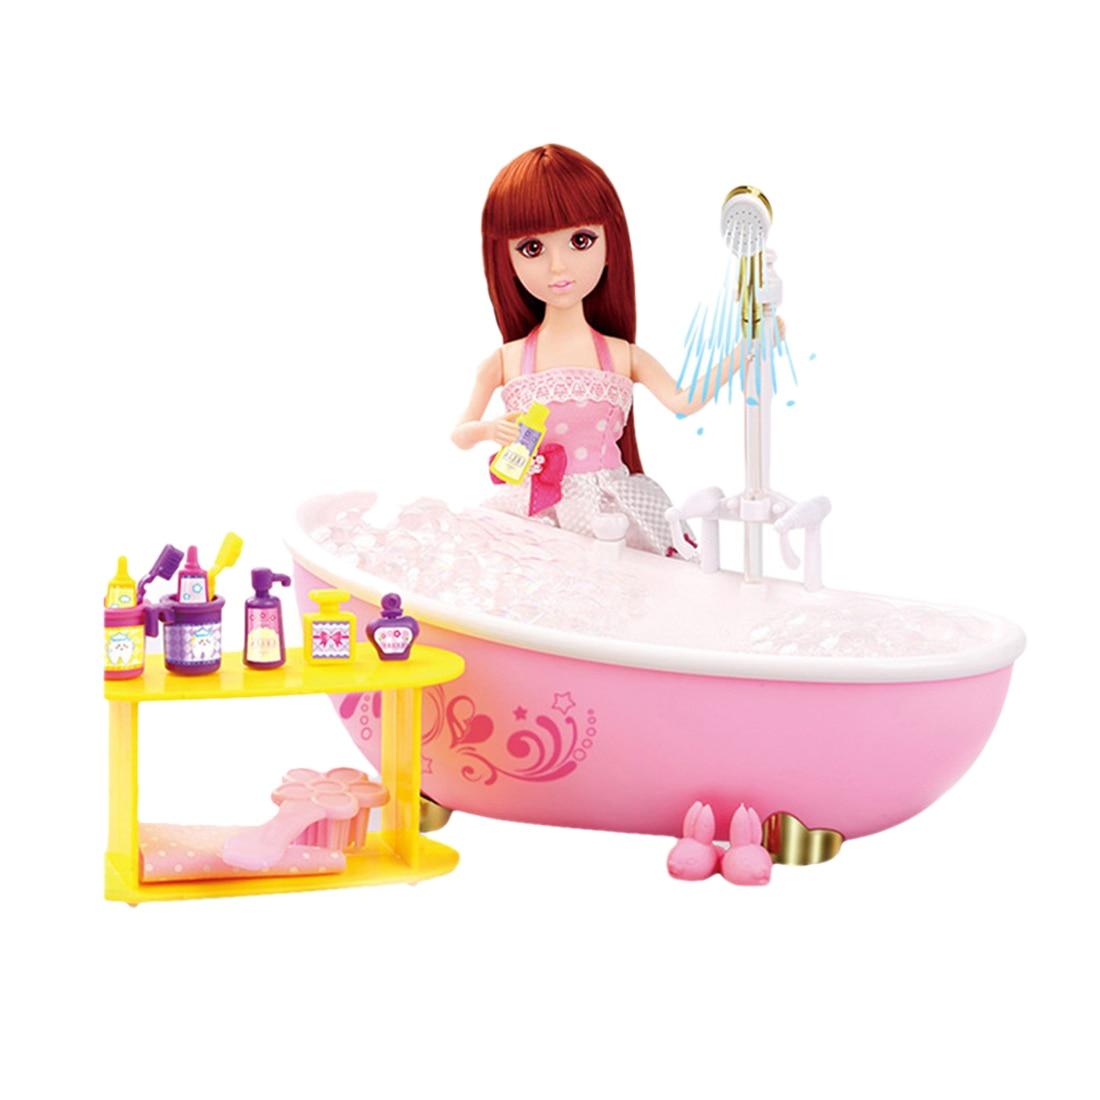 18 pièces/ensemble fille jeu intéressant et faire semblant de bain jouet rêve salle de bain Playset soutien fille apprentissage vie compétence Kit